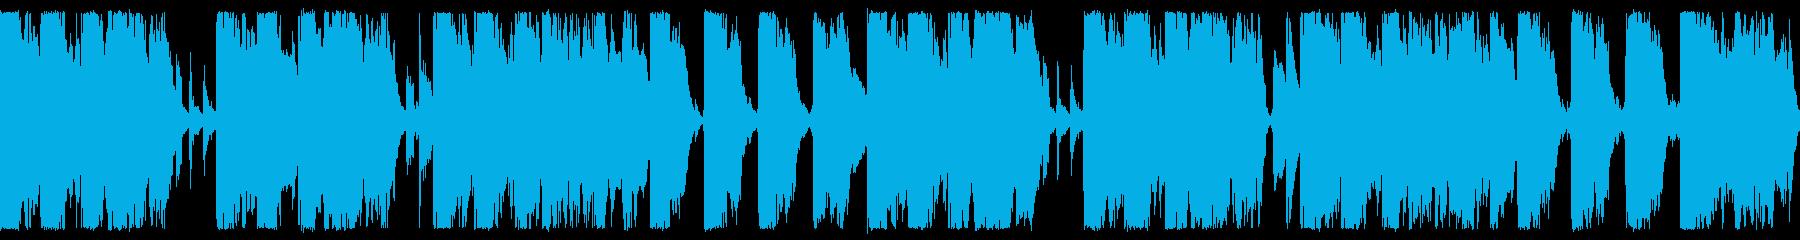 かわいいジングルの再生済みの波形